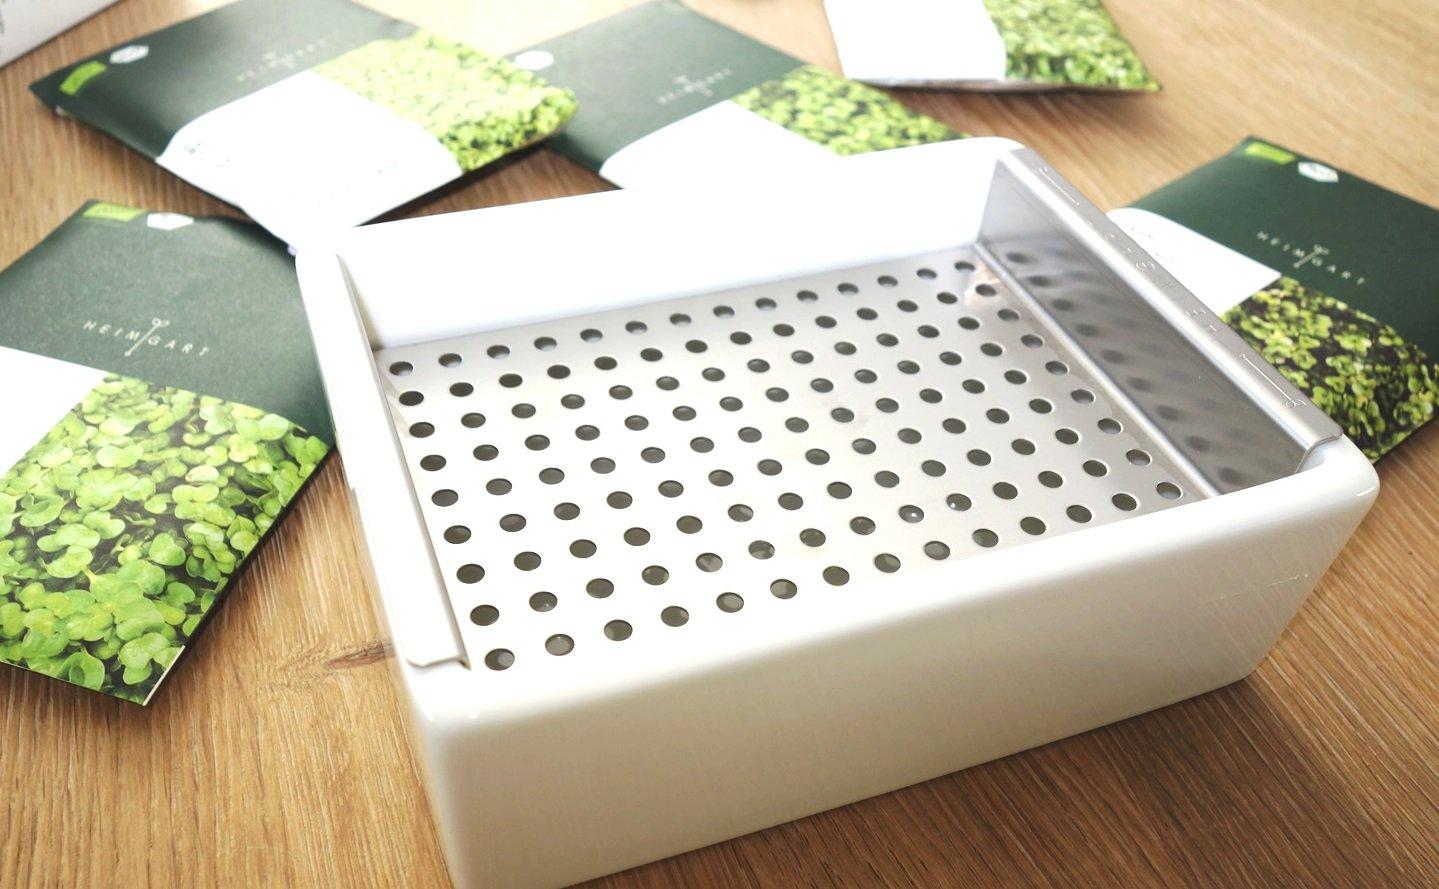 DSC01253 - Microgreens selber anbauen und Superfood einfach züchten